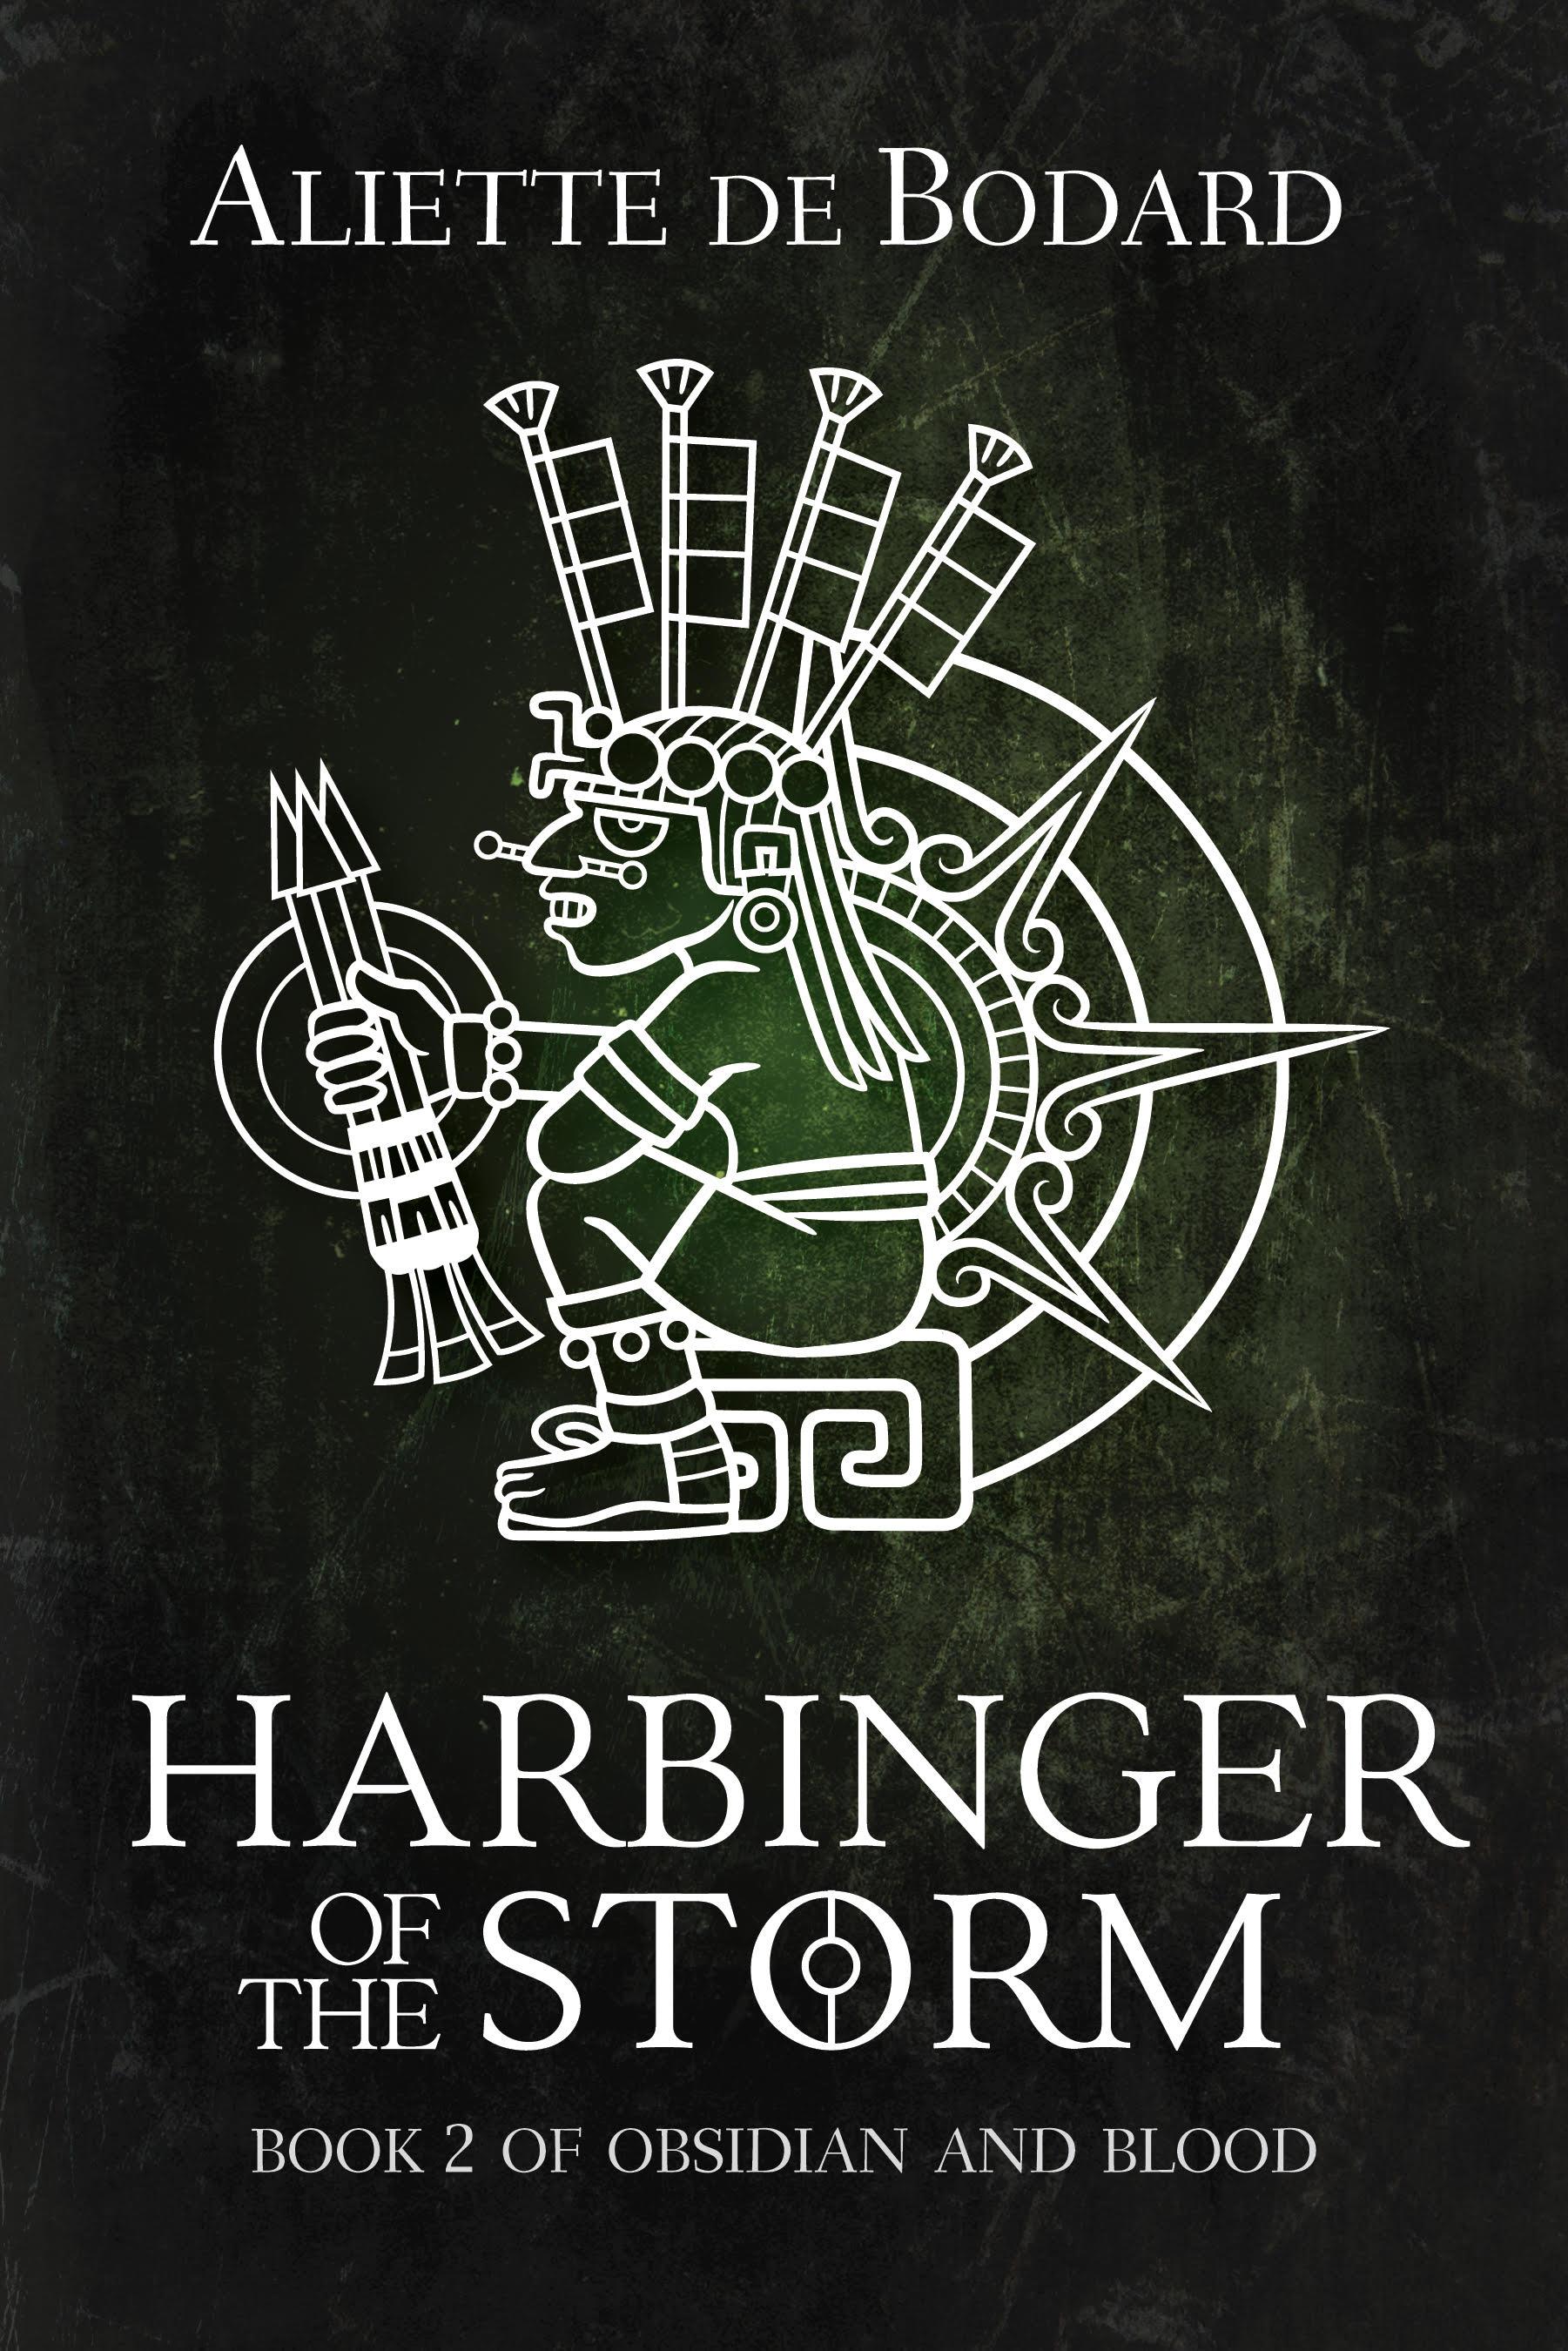 Harbinger of the Storm by Aliette de Bodard